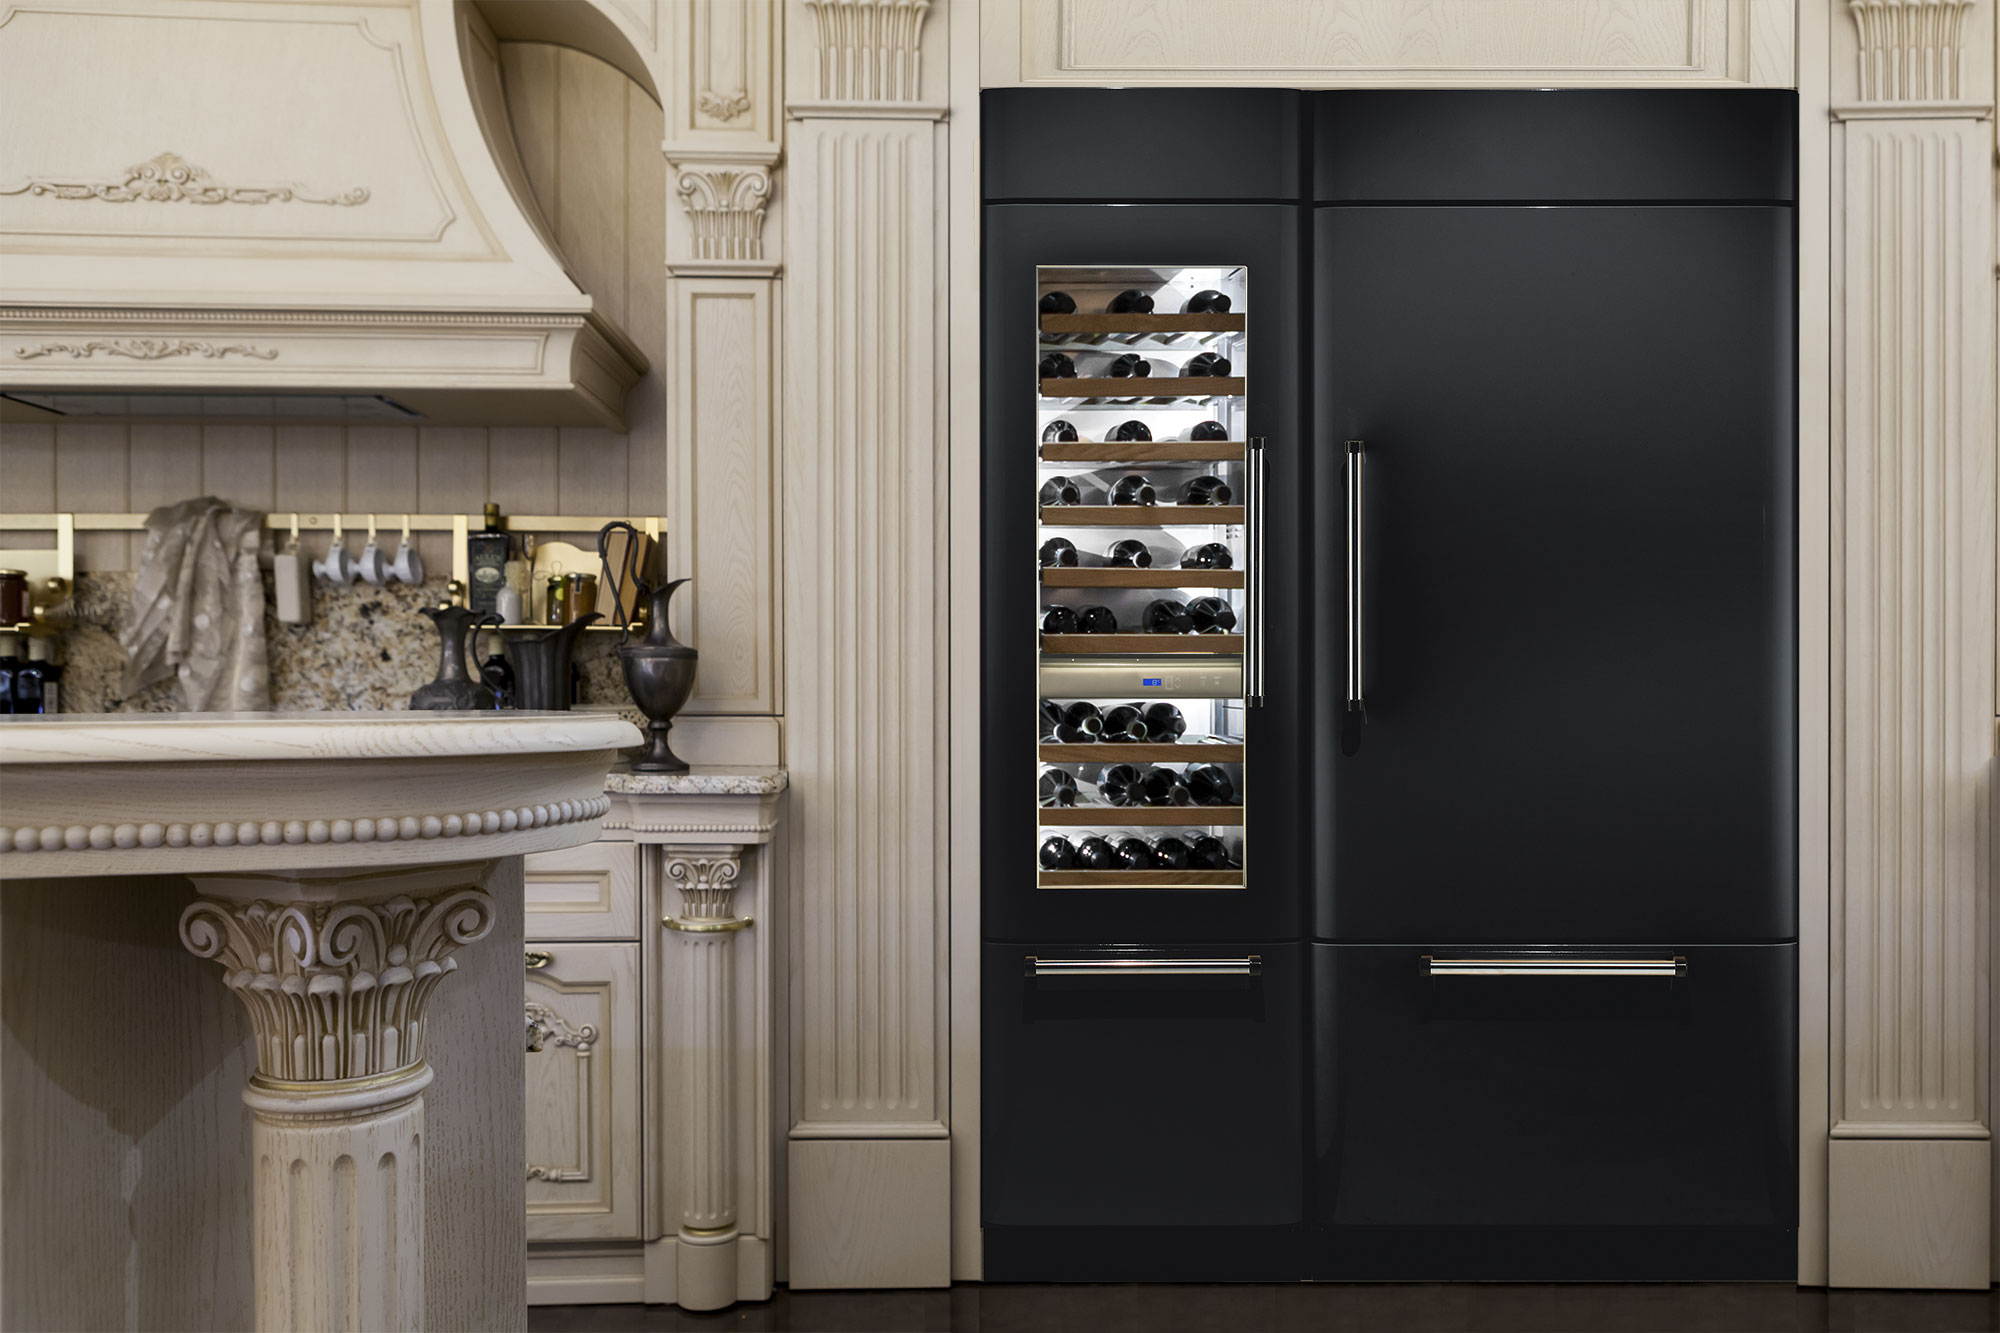 Fhiaba luxe koelwand - zelf samen te stellen modules #keuken #koelkast #wijnklimaatkast #koelvriescombinatie #woneninstijl